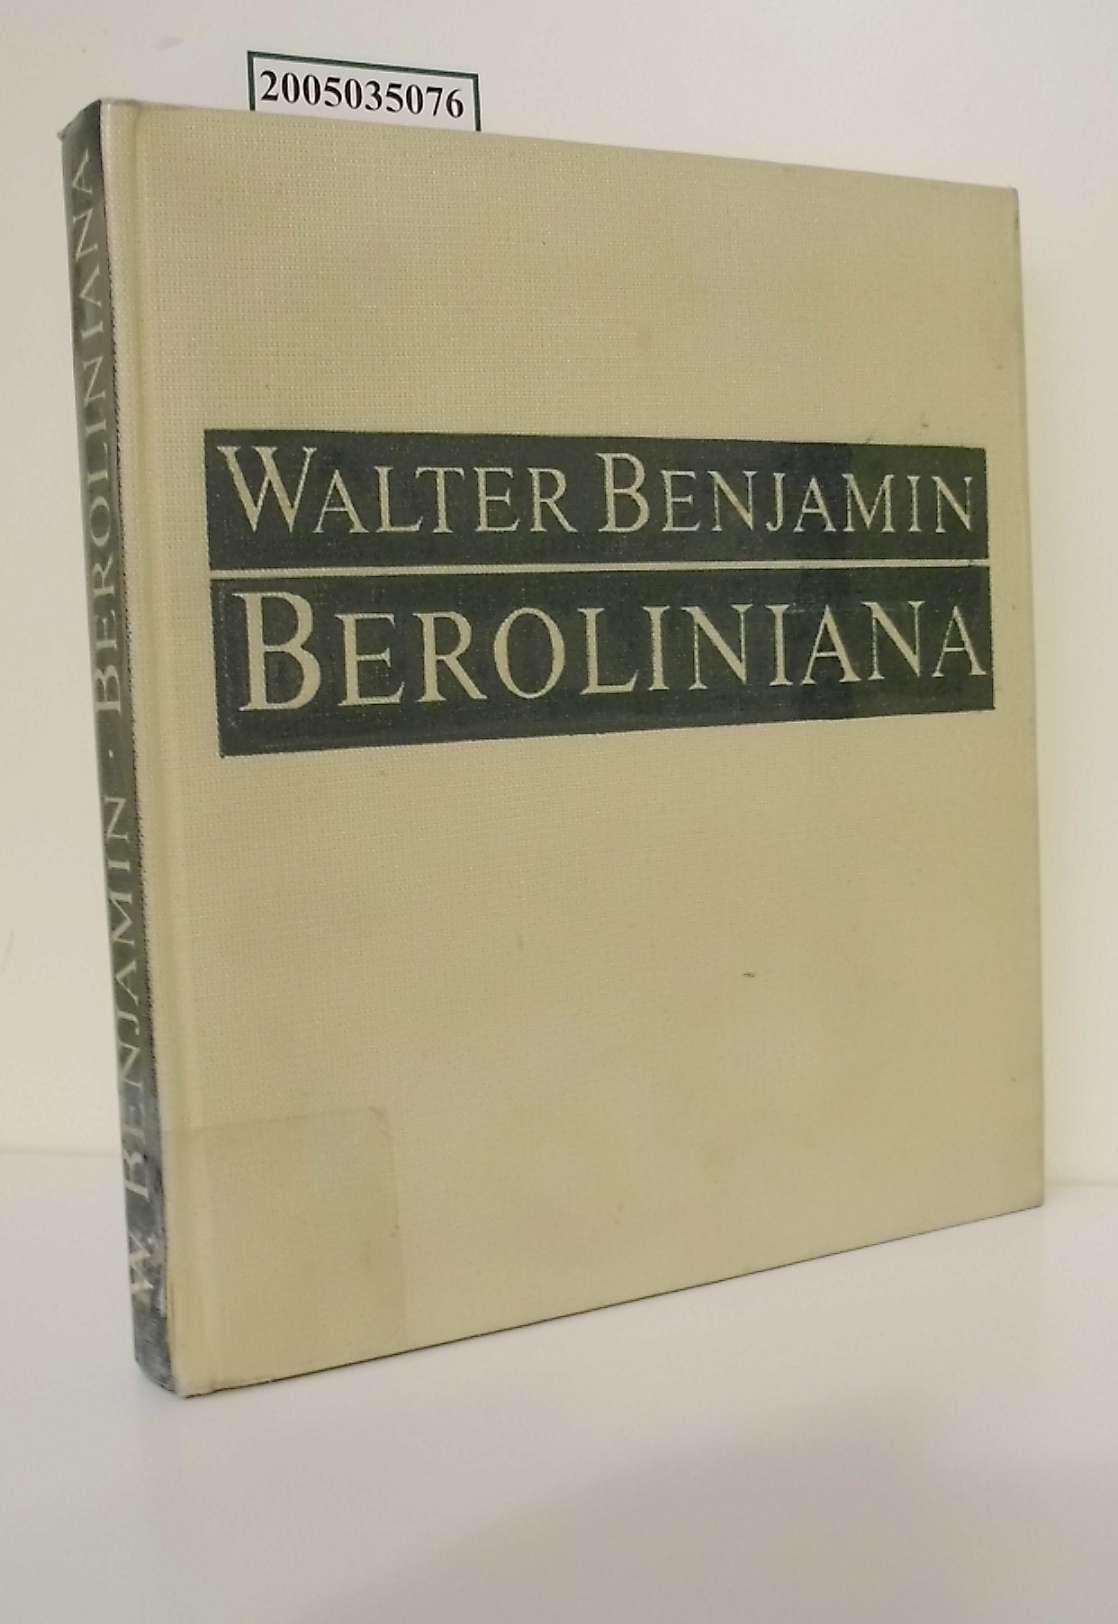 Beroliniana / Walter Benjamin. Mit 36 histor. Fotos von Günther Beyer / herausgegeben und mit einer Nachbemerkung von Sebastian Kleinschmidt Lizenzausgabe